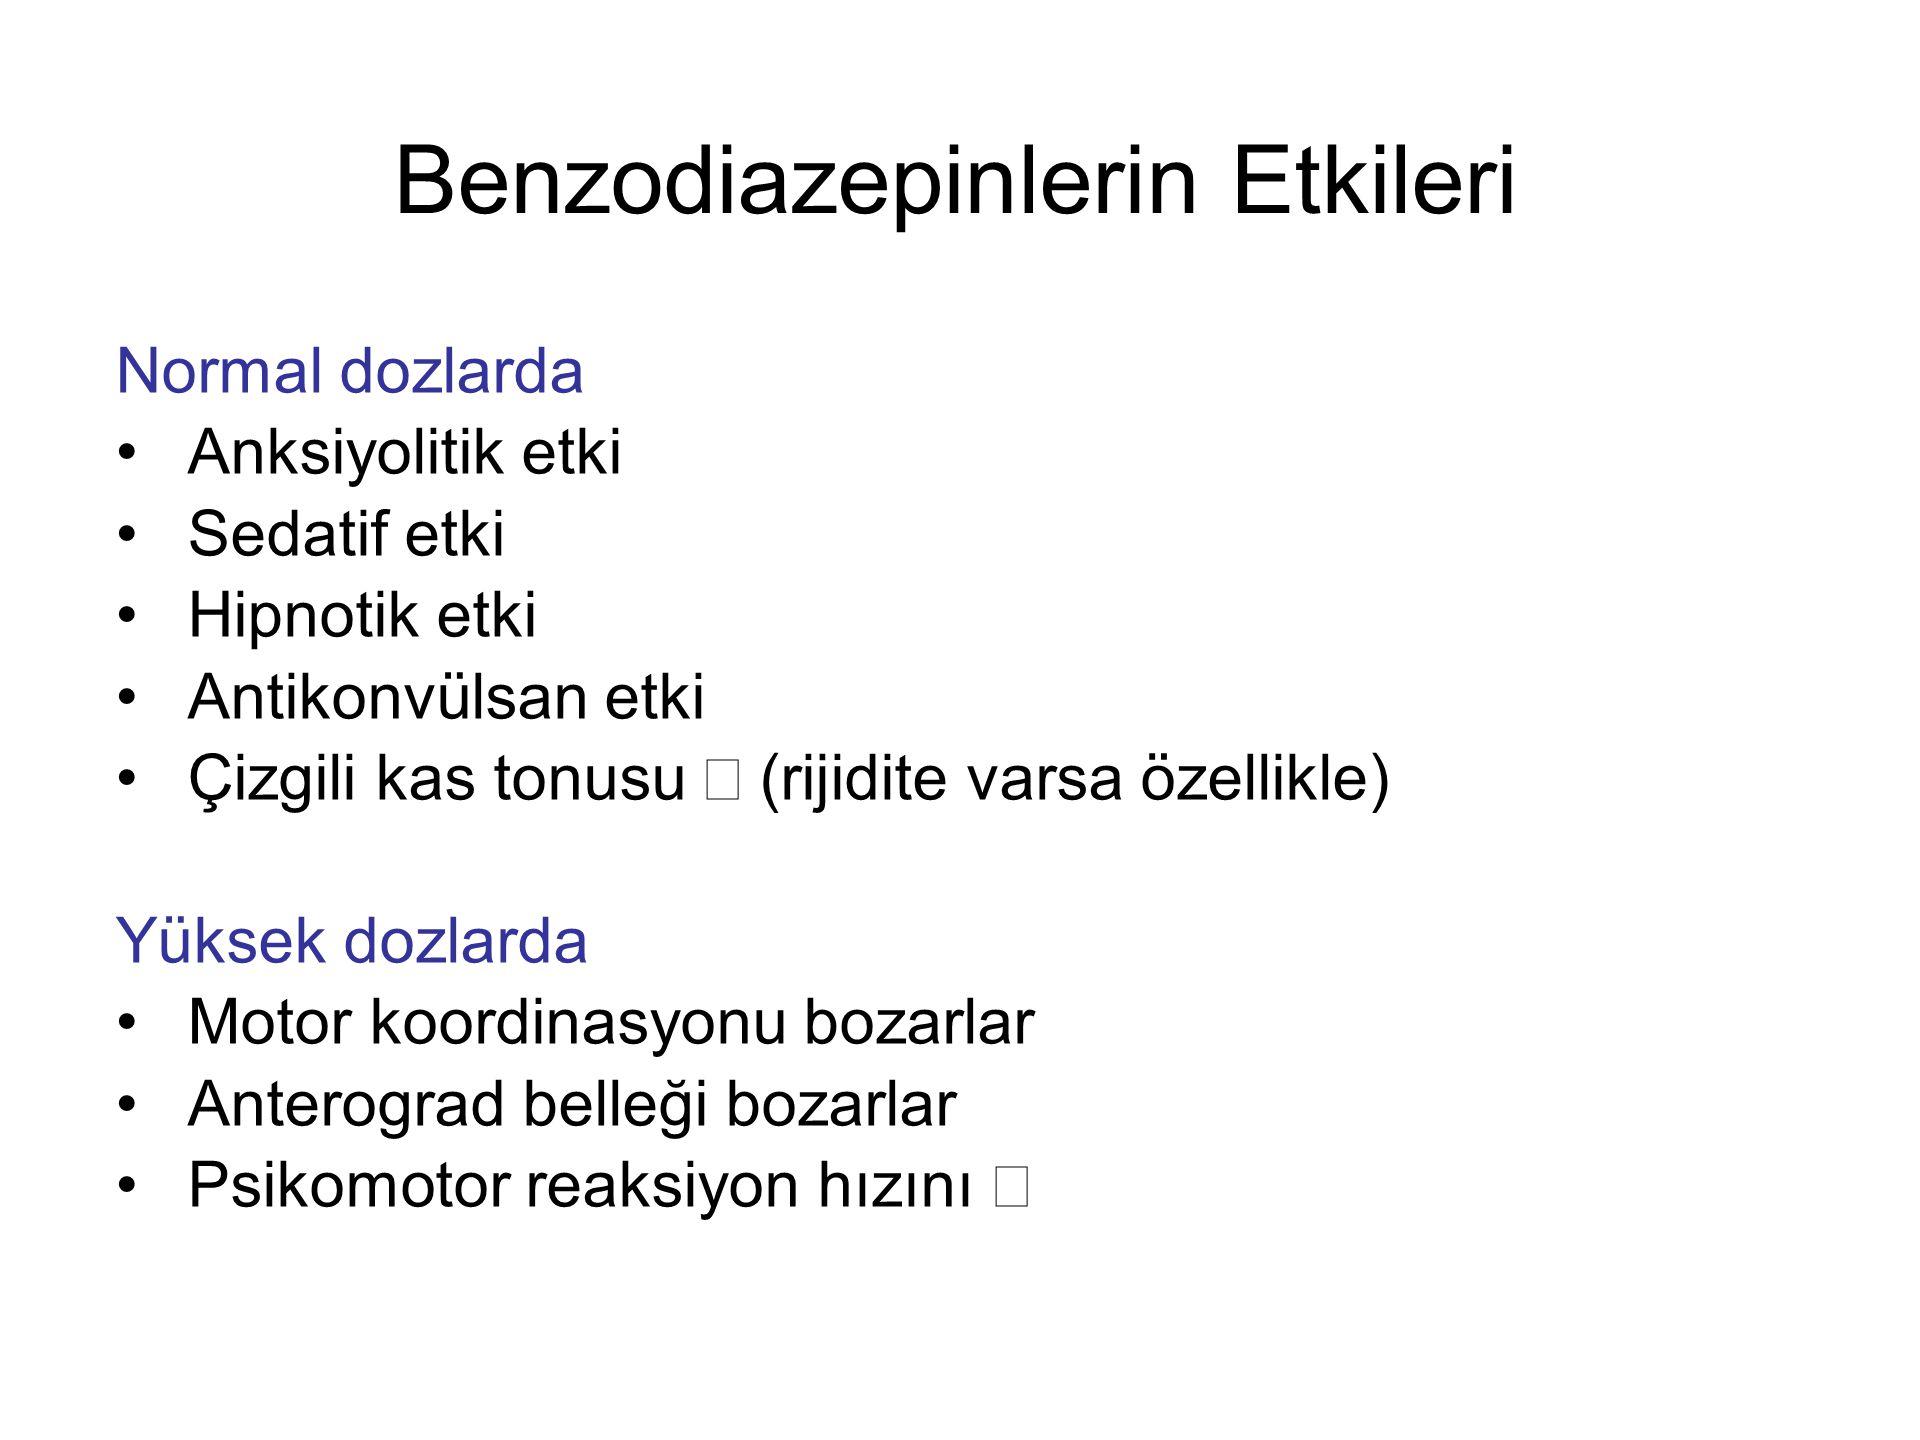 Benzodiazepinlerin Etkileri